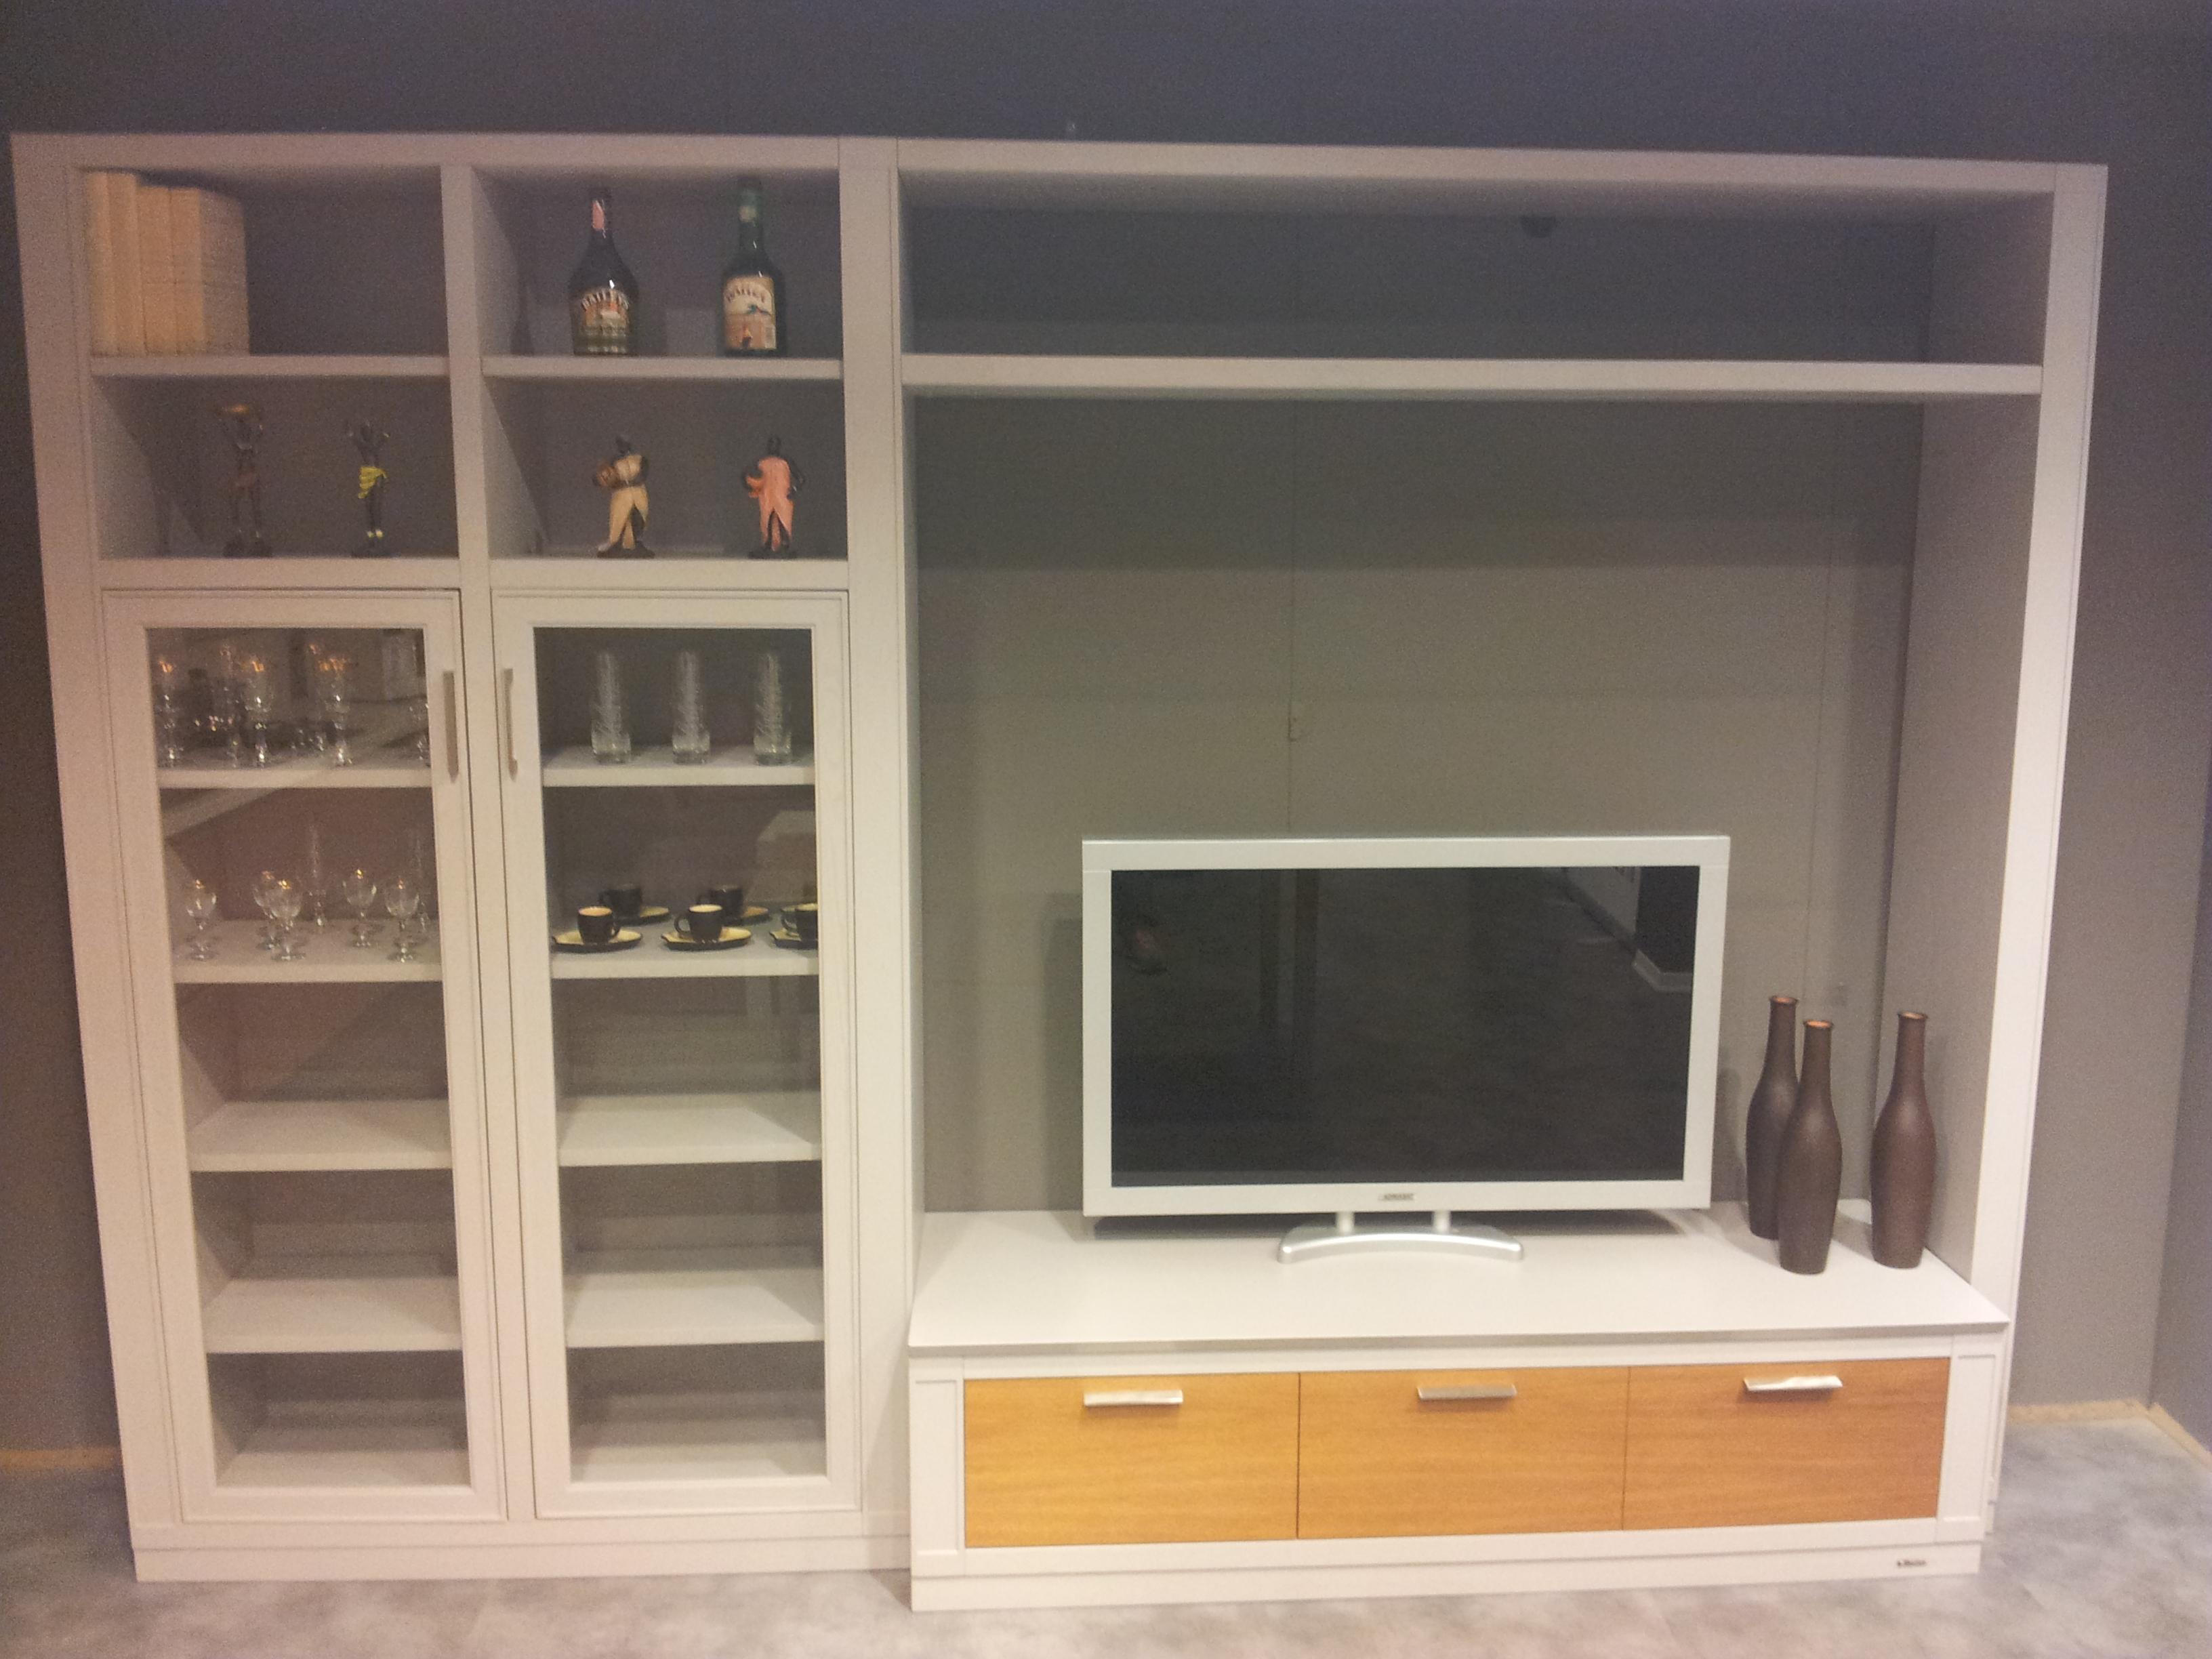 Le Fablier Arredo Soggiorno Classico Pictures To Pin On Pinterest #A46927 3264 2448 Mobili Sala Da Pranzo Ikea